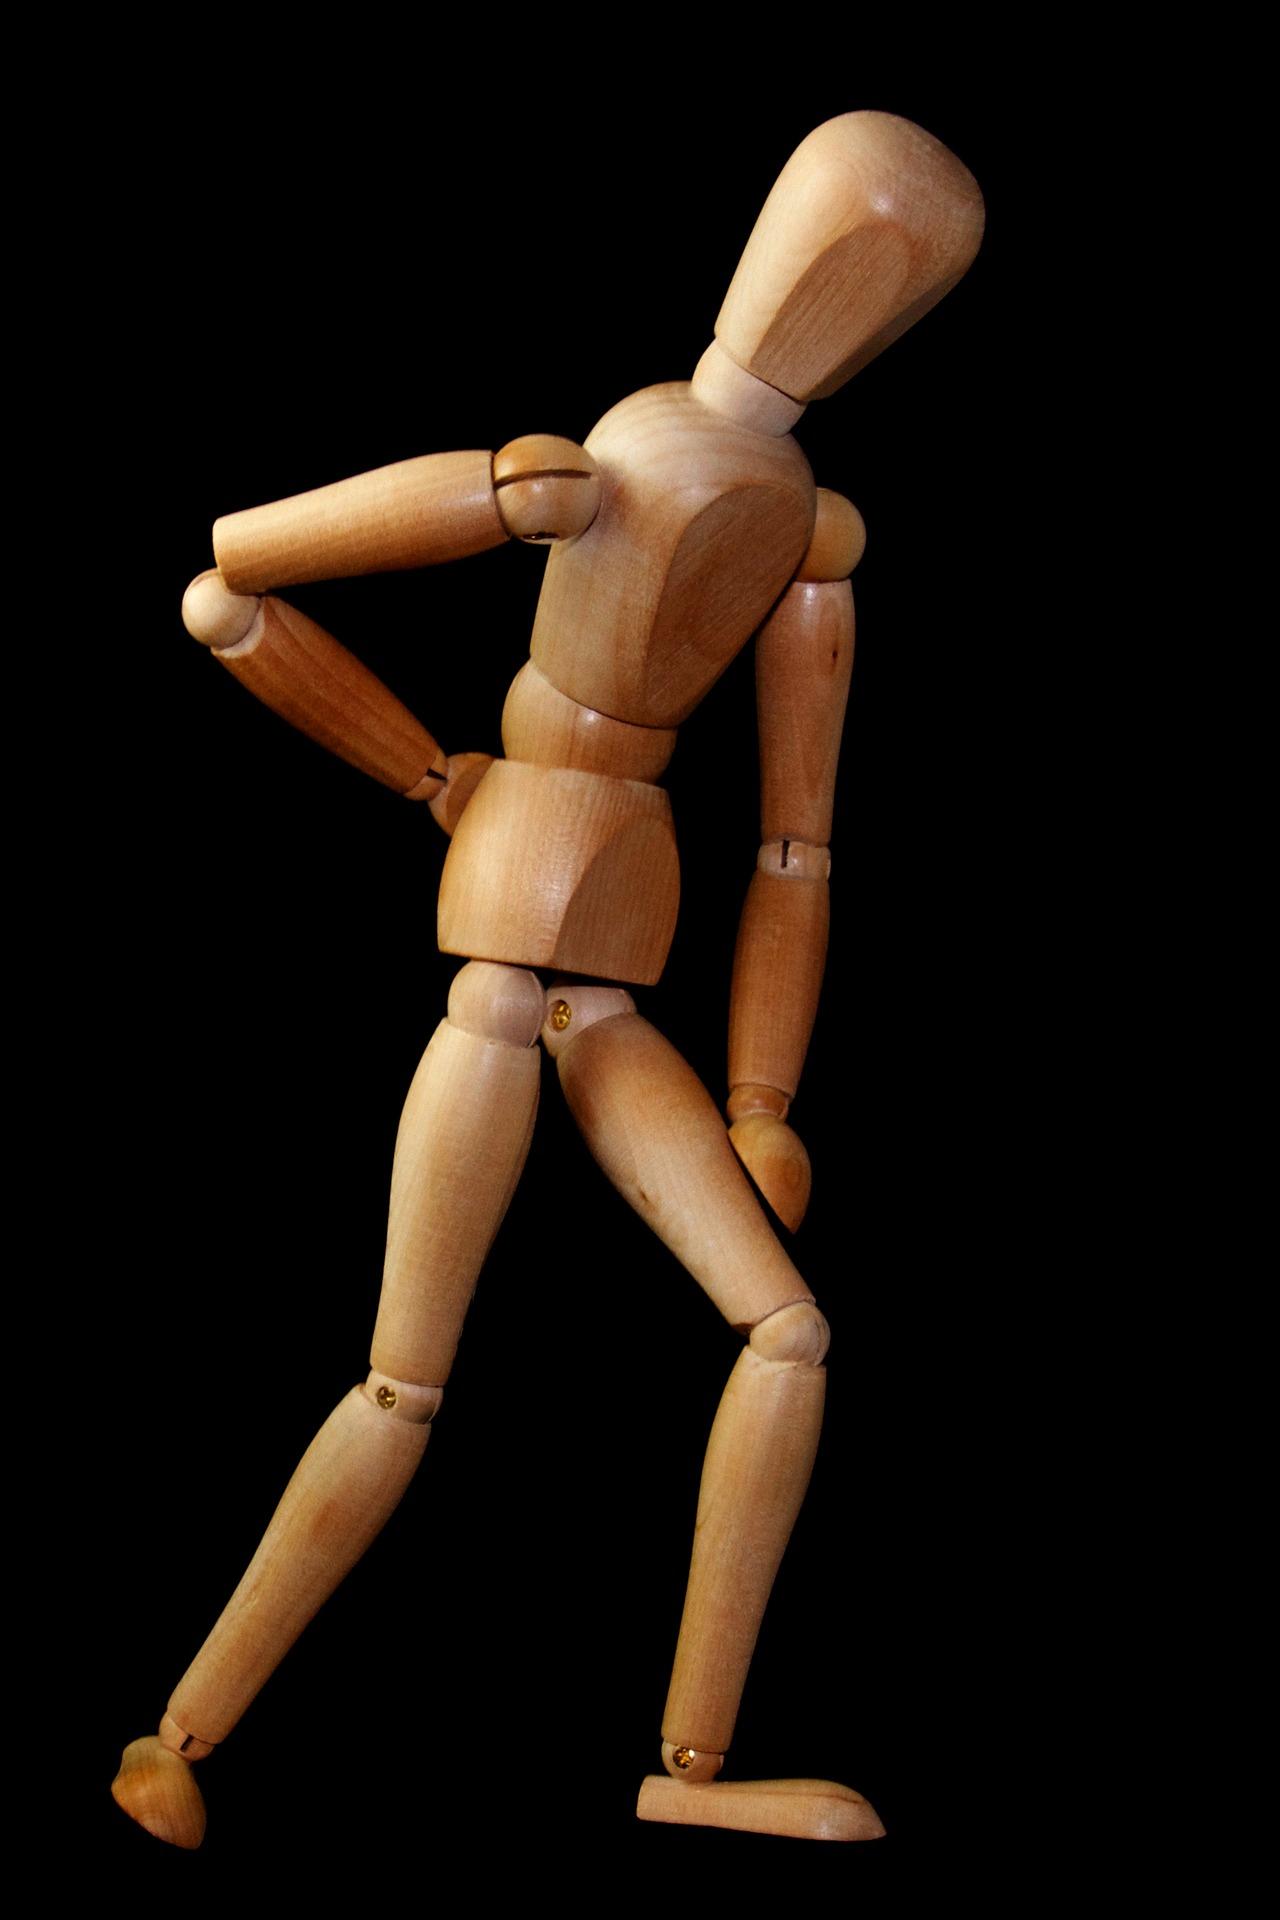 los-farmacos-no-ayudan-al-dolor-de-espalda